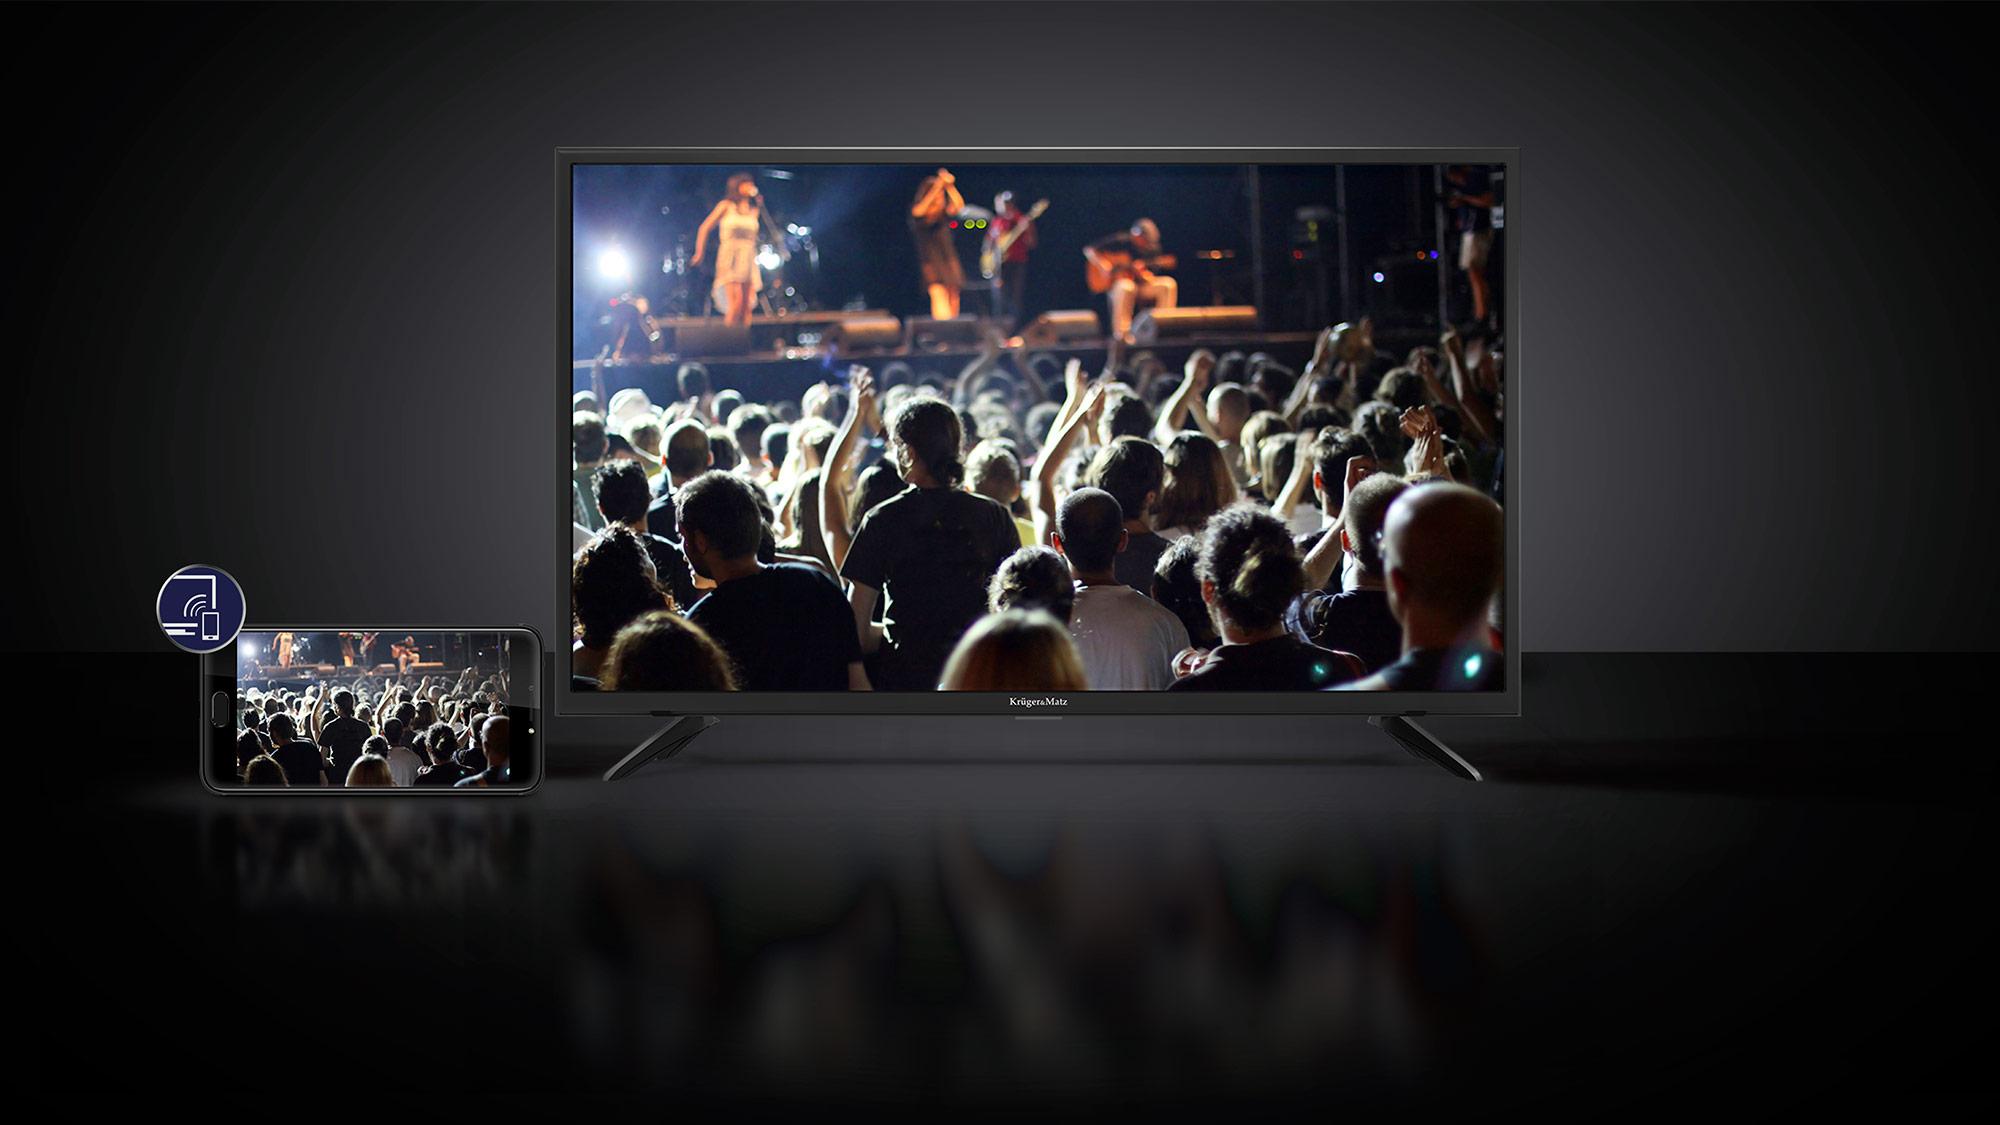 Vrei sa arati filmuletele si fotografiile salvate pe telefon? Doresti sa joci pe un ecran mai mare de 5 inch jocul preferat? Toate acestea sunt posibile datorita display-ului Wi-Fi care iti permite sa transmiti wireless continutul dispozitivului mobil direct pe ecranul televizorului tau.